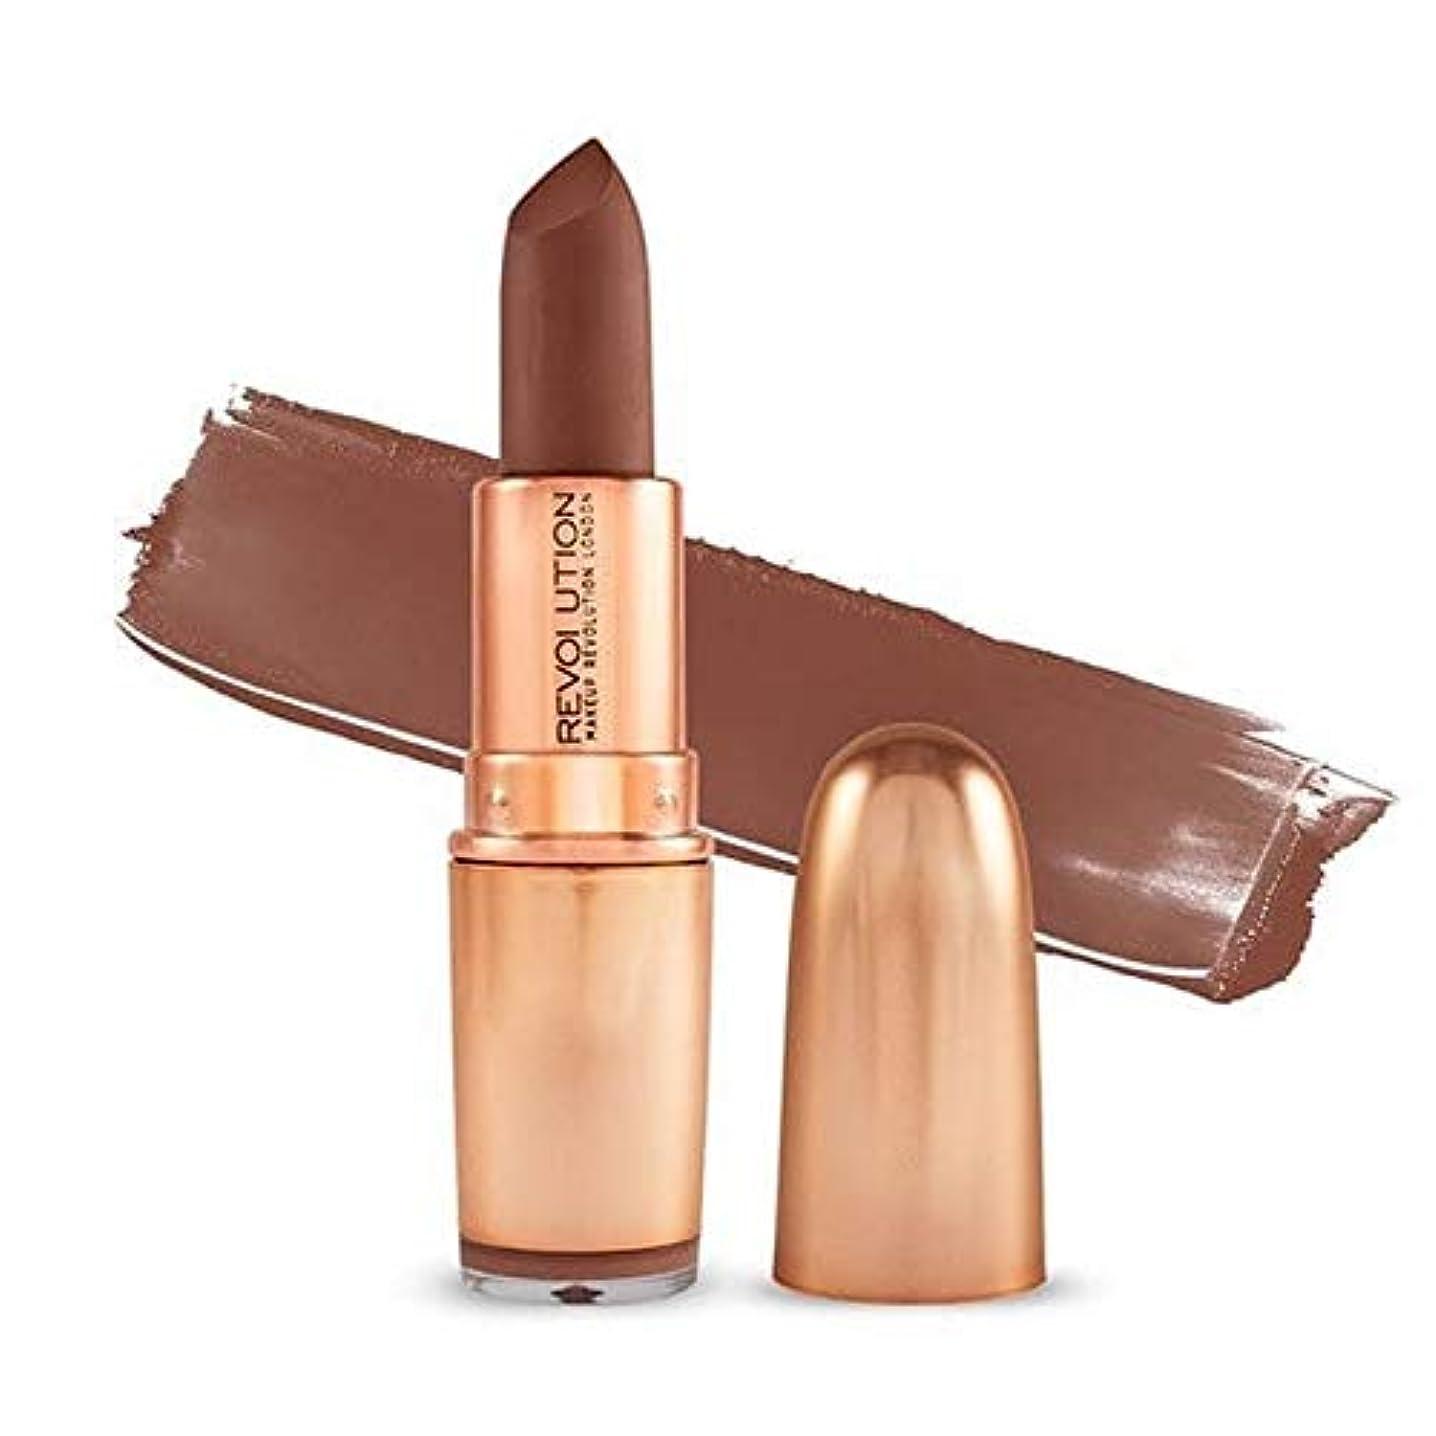 ジョージバーナードアライアンスカリキュラム[Revolution ] 革命の象徴的なマットヌード口紅のインスピレーション - Revolution Iconic Matte Nude Lipstick Inspiration [並行輸入品]